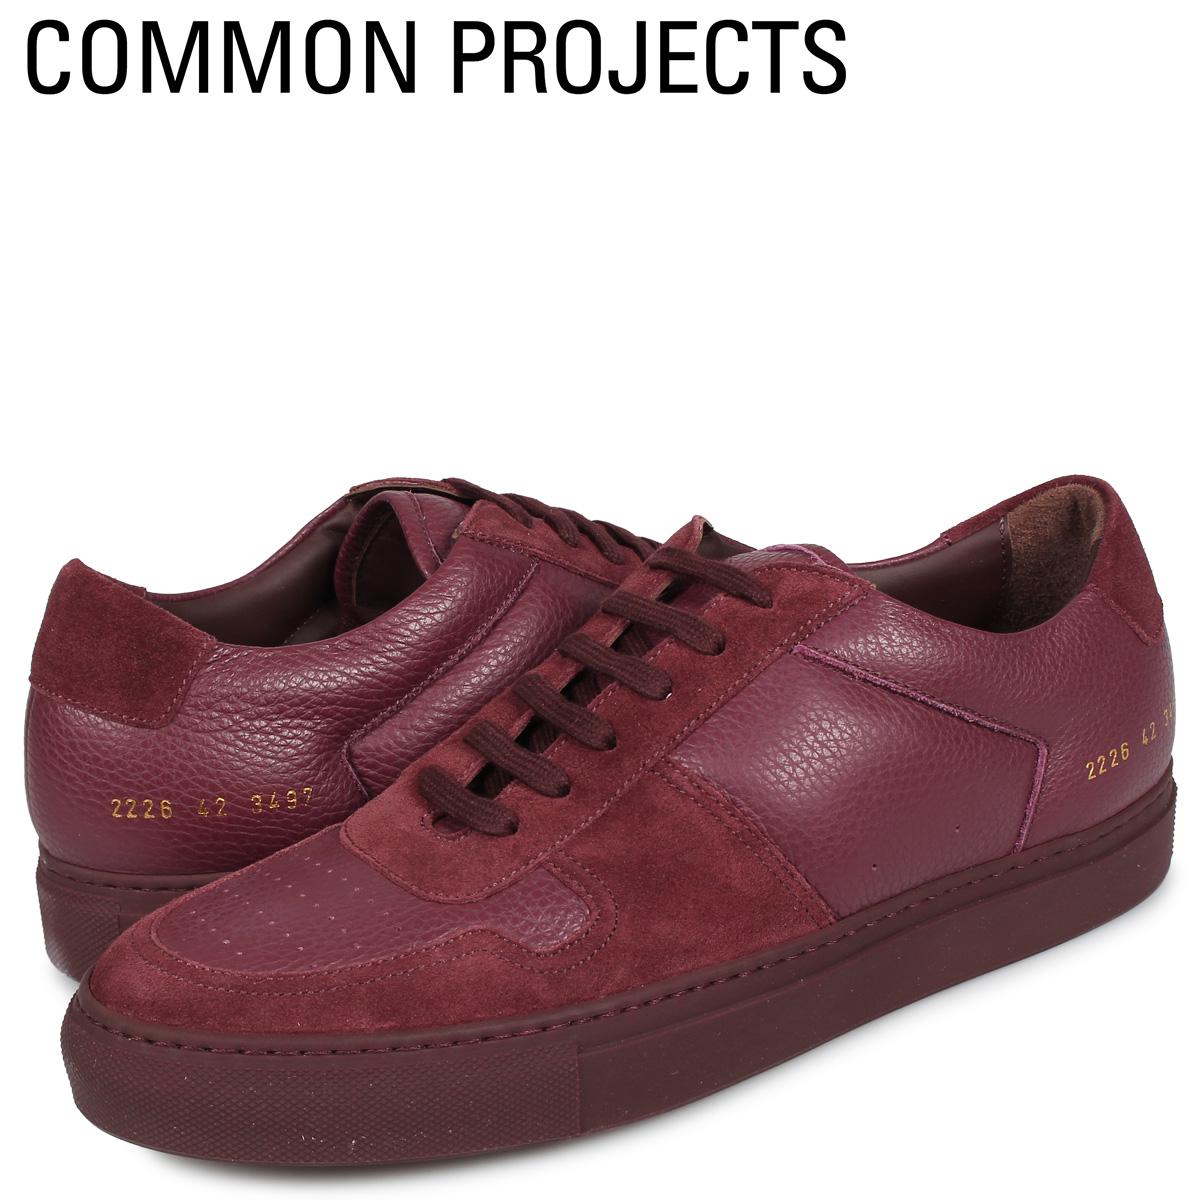 コモンプロジェクト Common Projects ビーボール ロー プレミアム スニーカー メンズ BBALL LOW PREMIUM ワインレッド 2226-3497